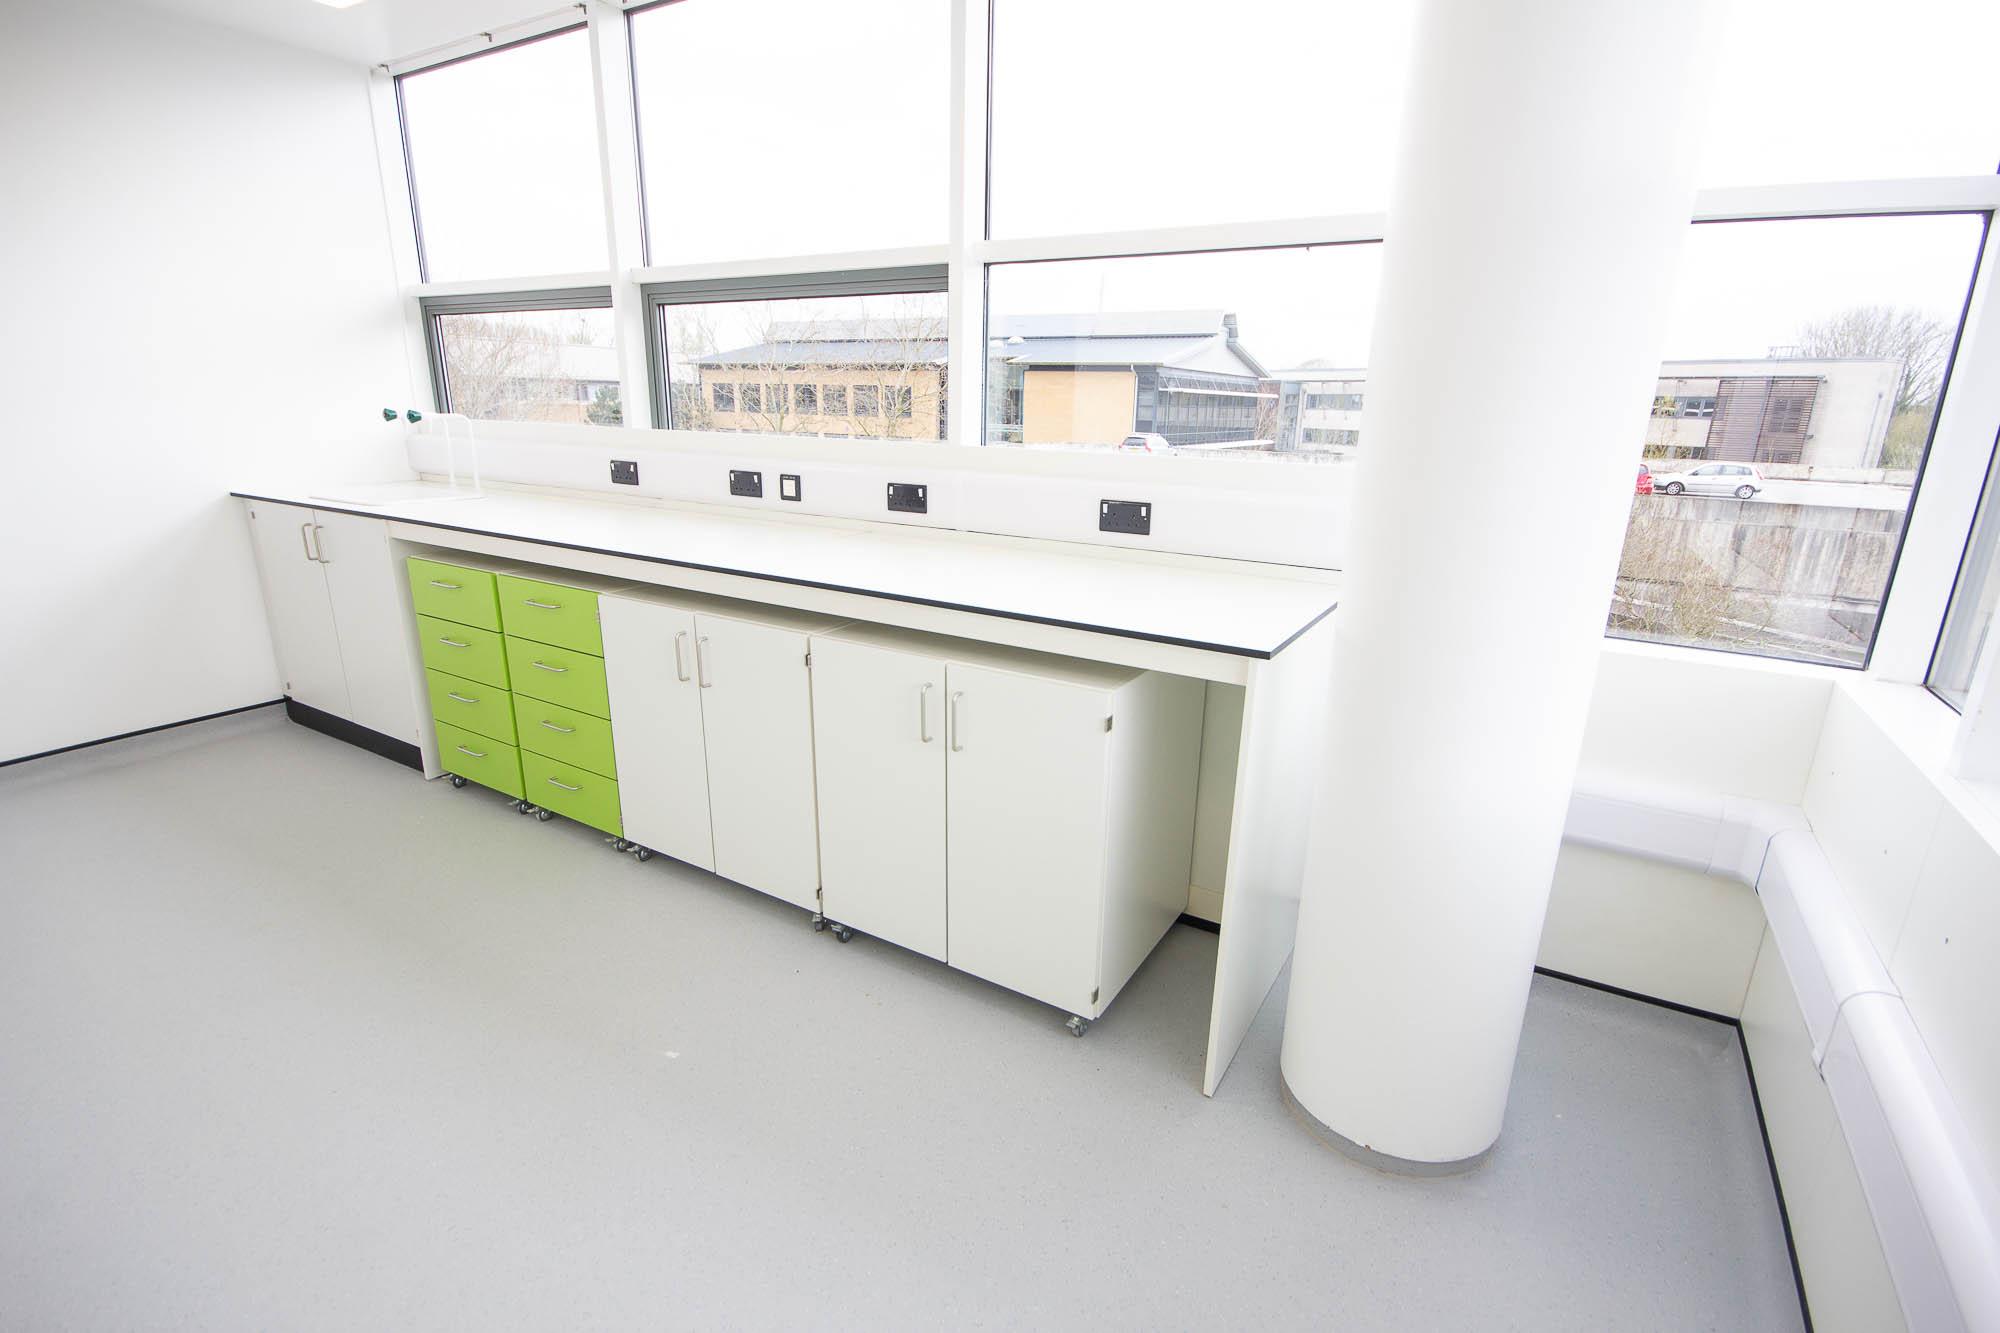 C5218 - Evox Therapeutics - Lab Workspace Plug Sockets Cabinets Drawers